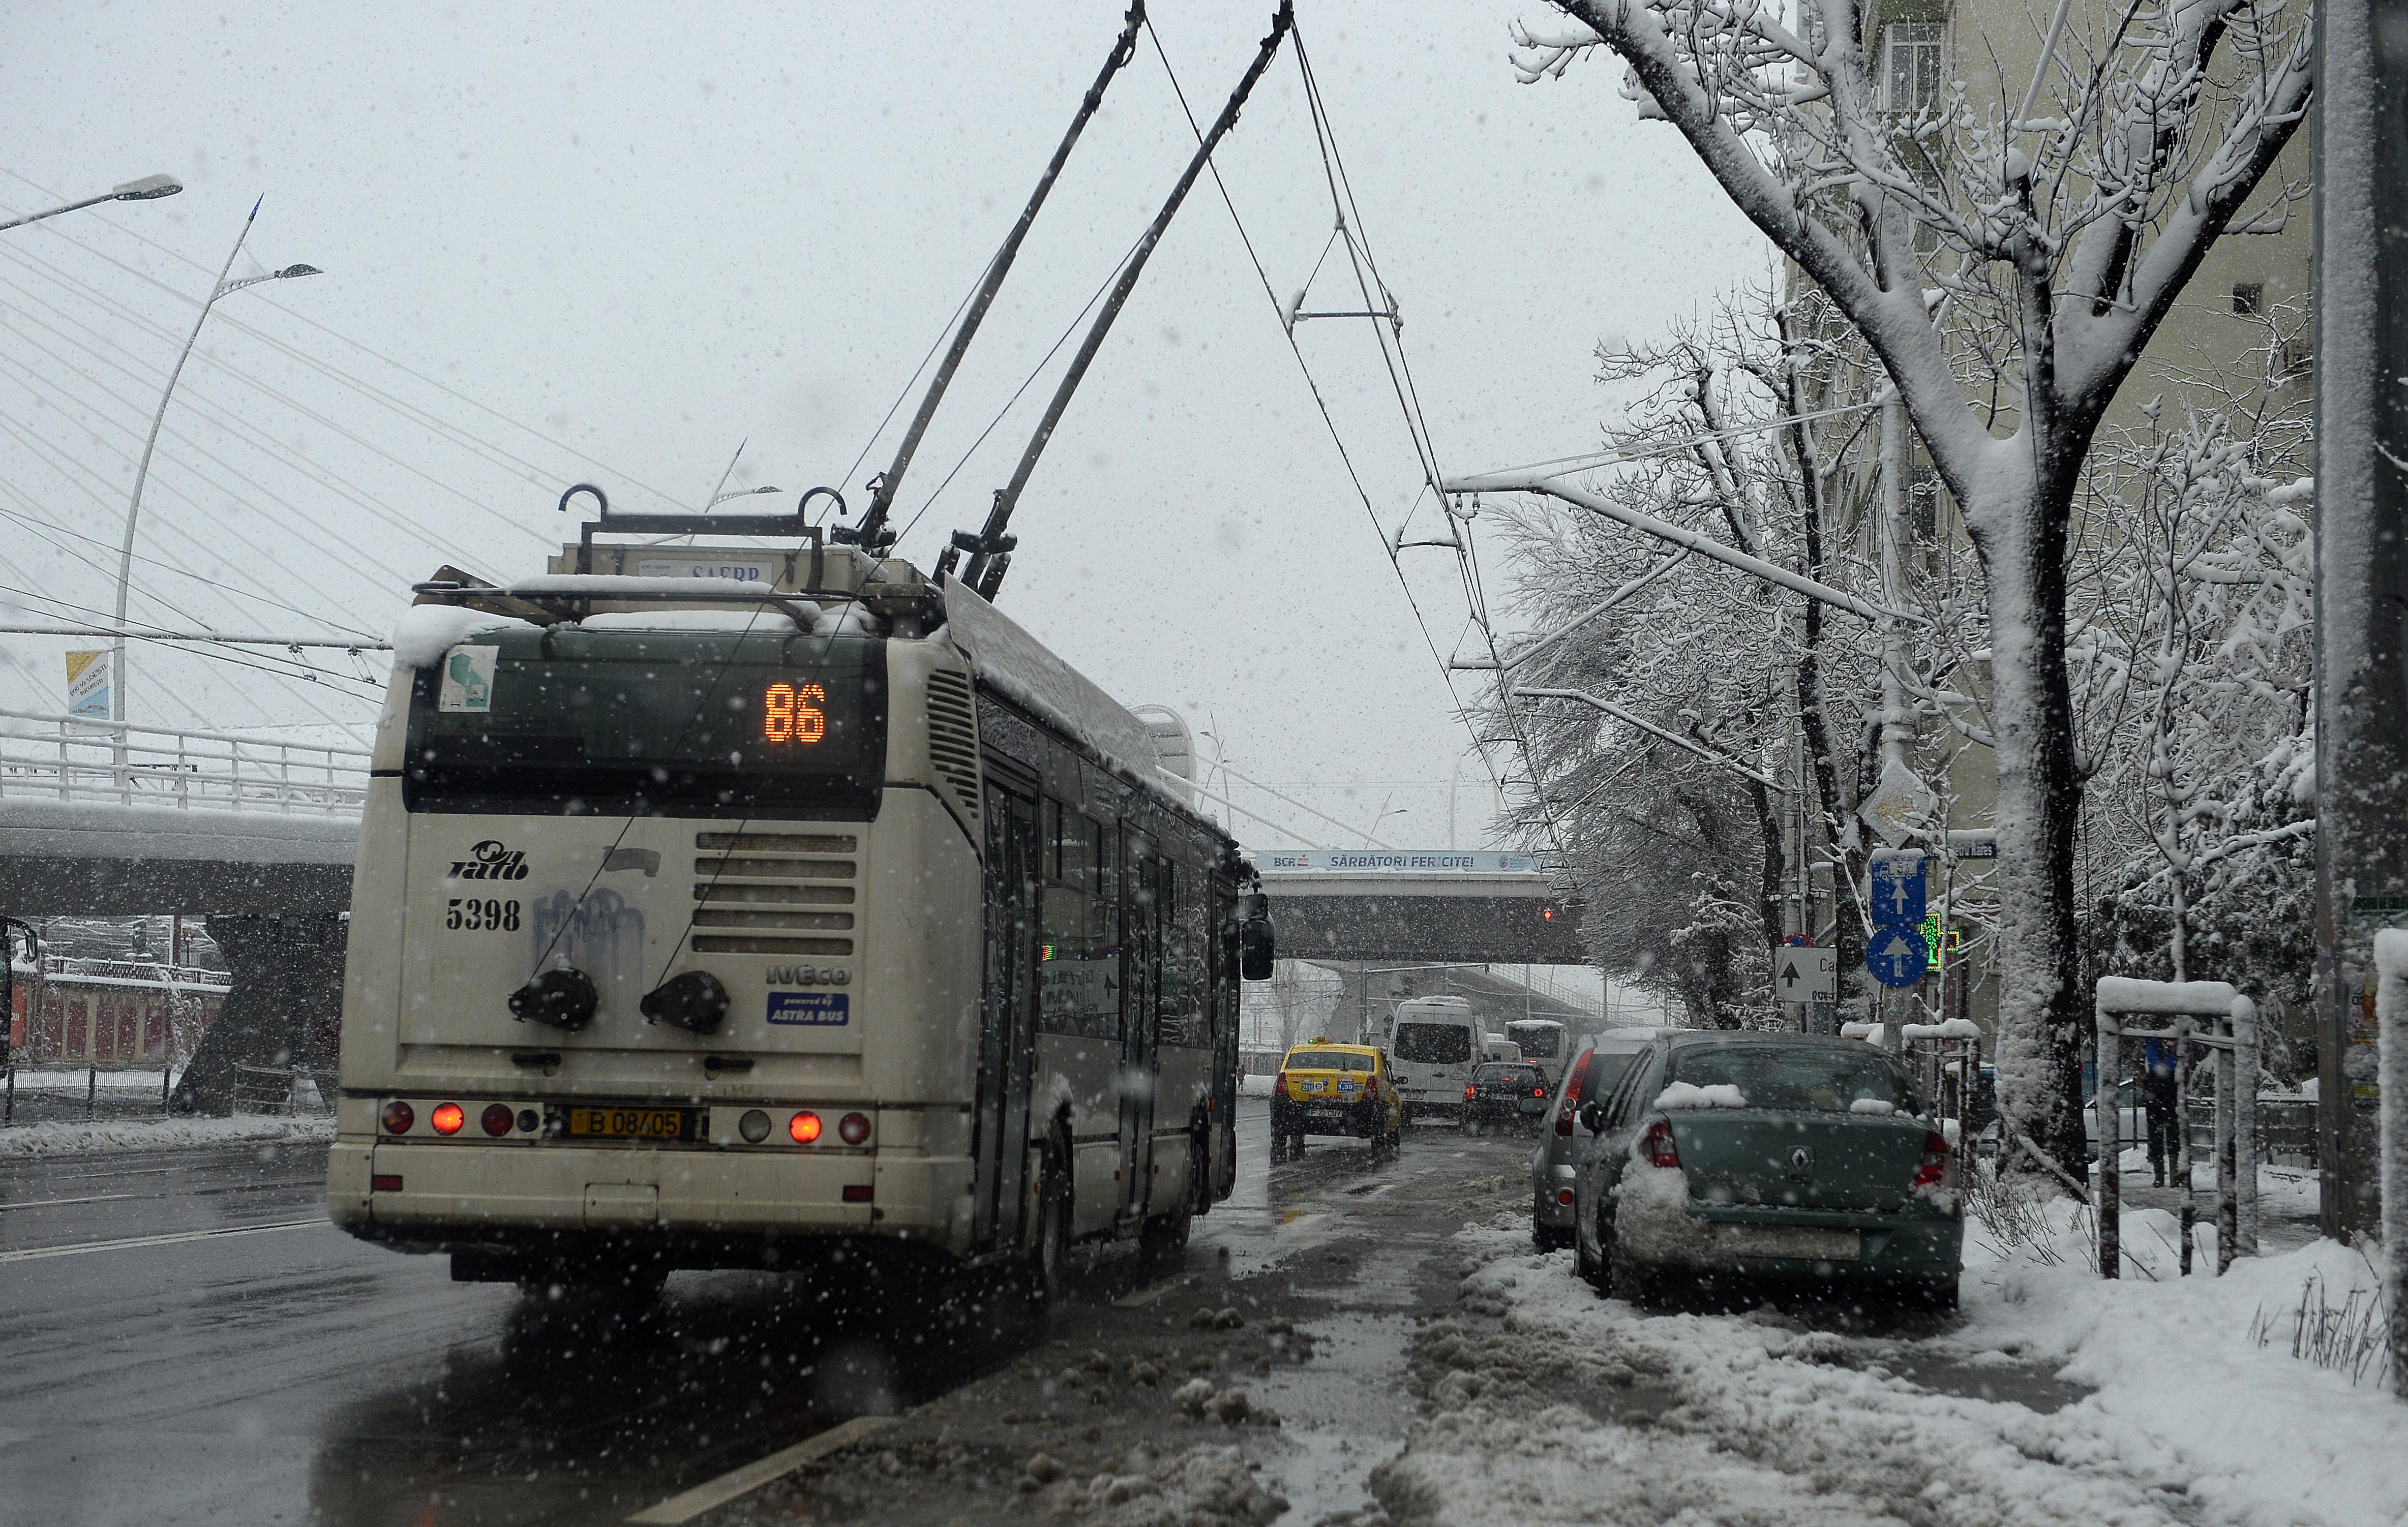 Un bărbat din Galați a ajuns la spital, după ce s-a izbit de un troleibuz